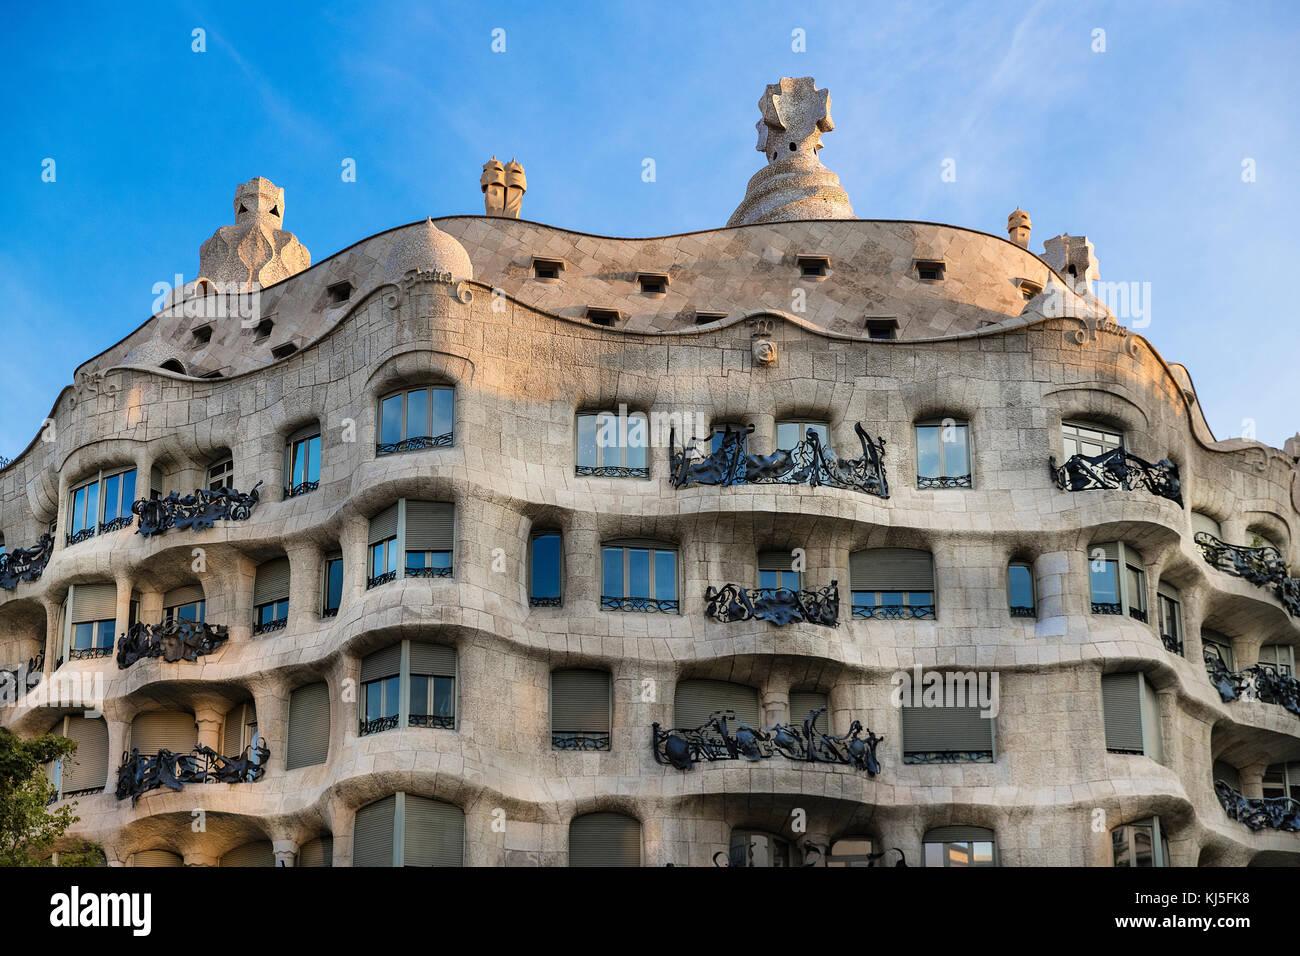 La Pedrera, Casa Milà house progettata da Antonio Gaudi, Barcelona, Spagna. Immagini Stock